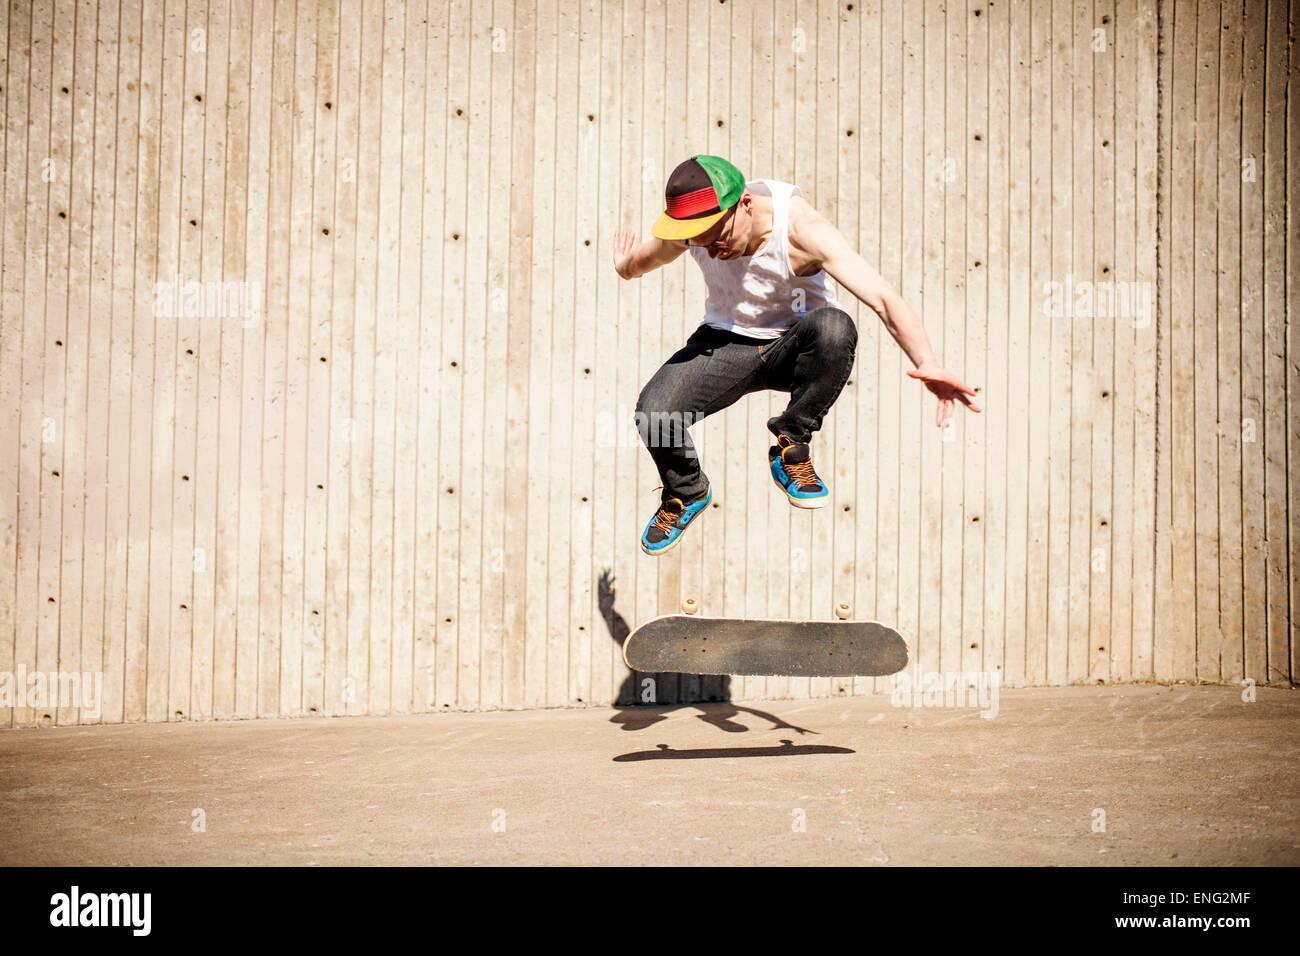 Kaukasischen Mann tut Skate Trick in der Nähe von Holzwand Stockbild